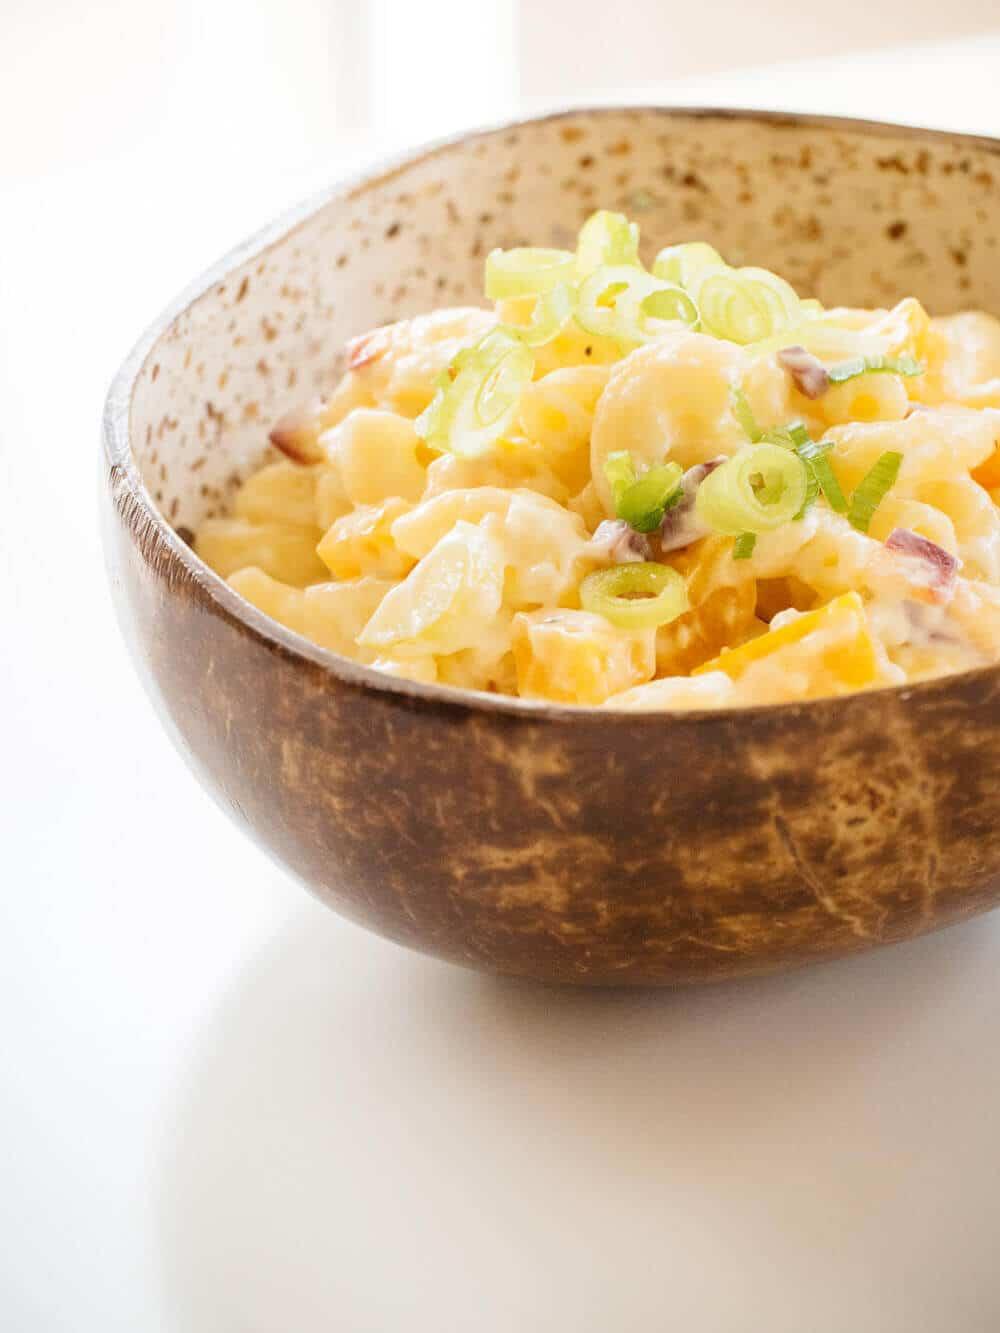 Hawaiian macaroni salad with pickled beets